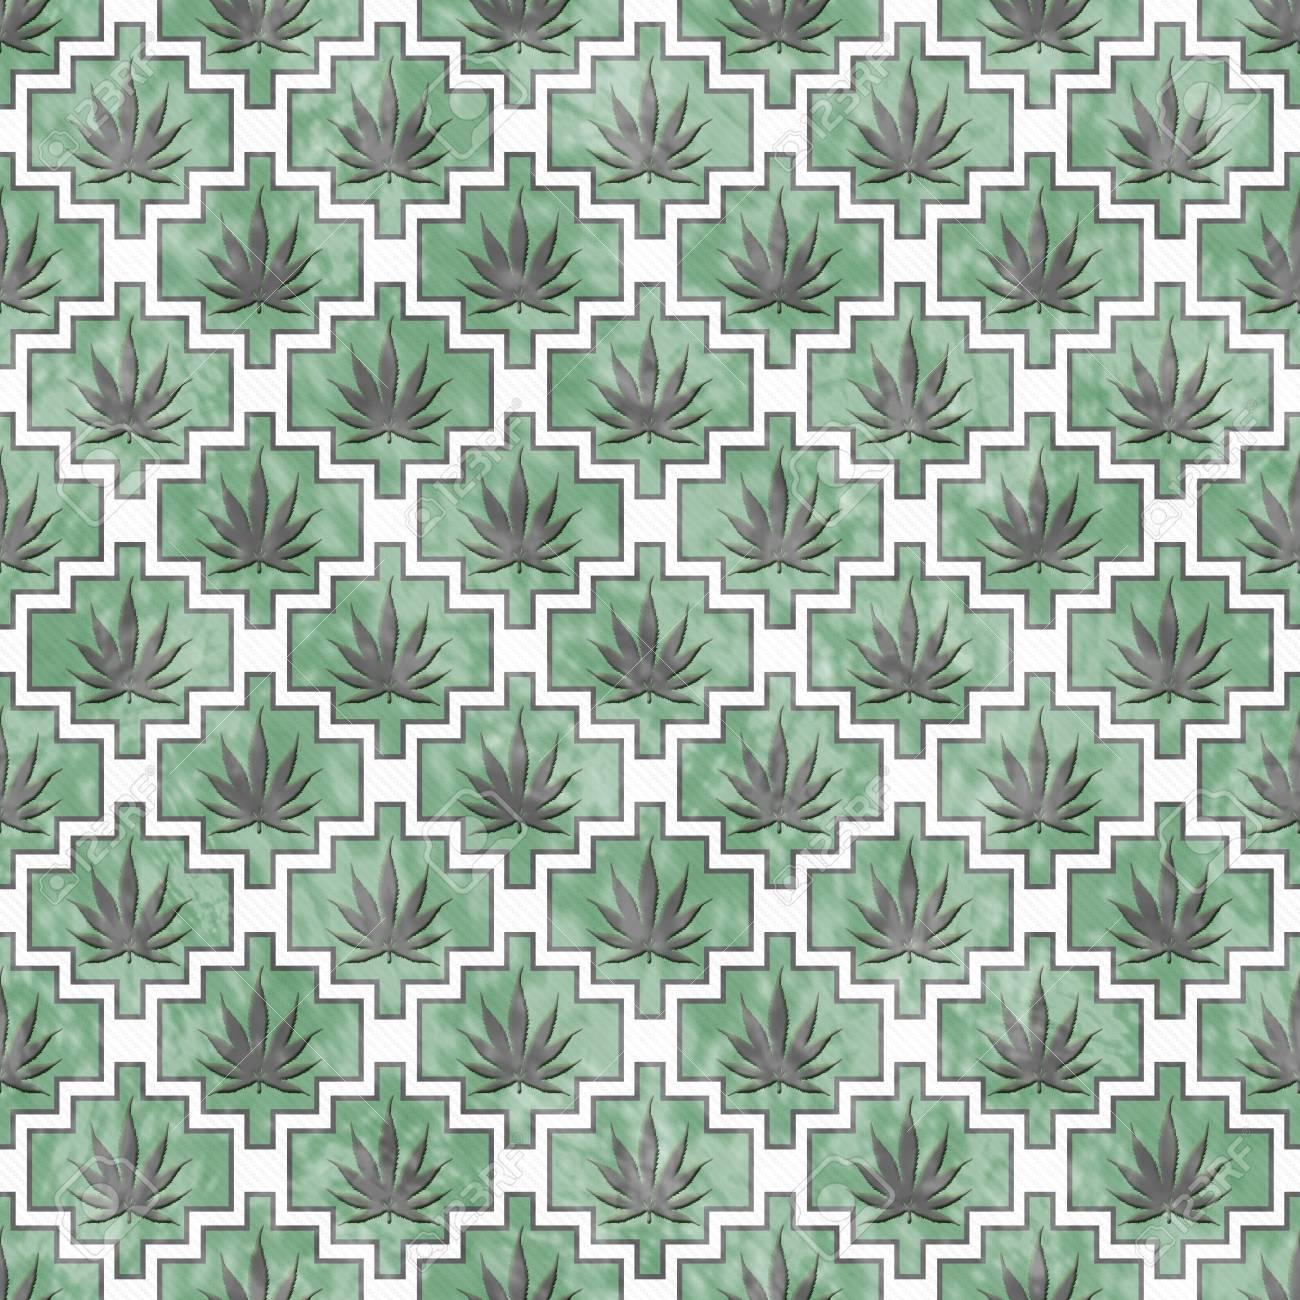 Grun Grau Und Weiss Marihuana Fliesen Muster Lizenzfreie Fotos